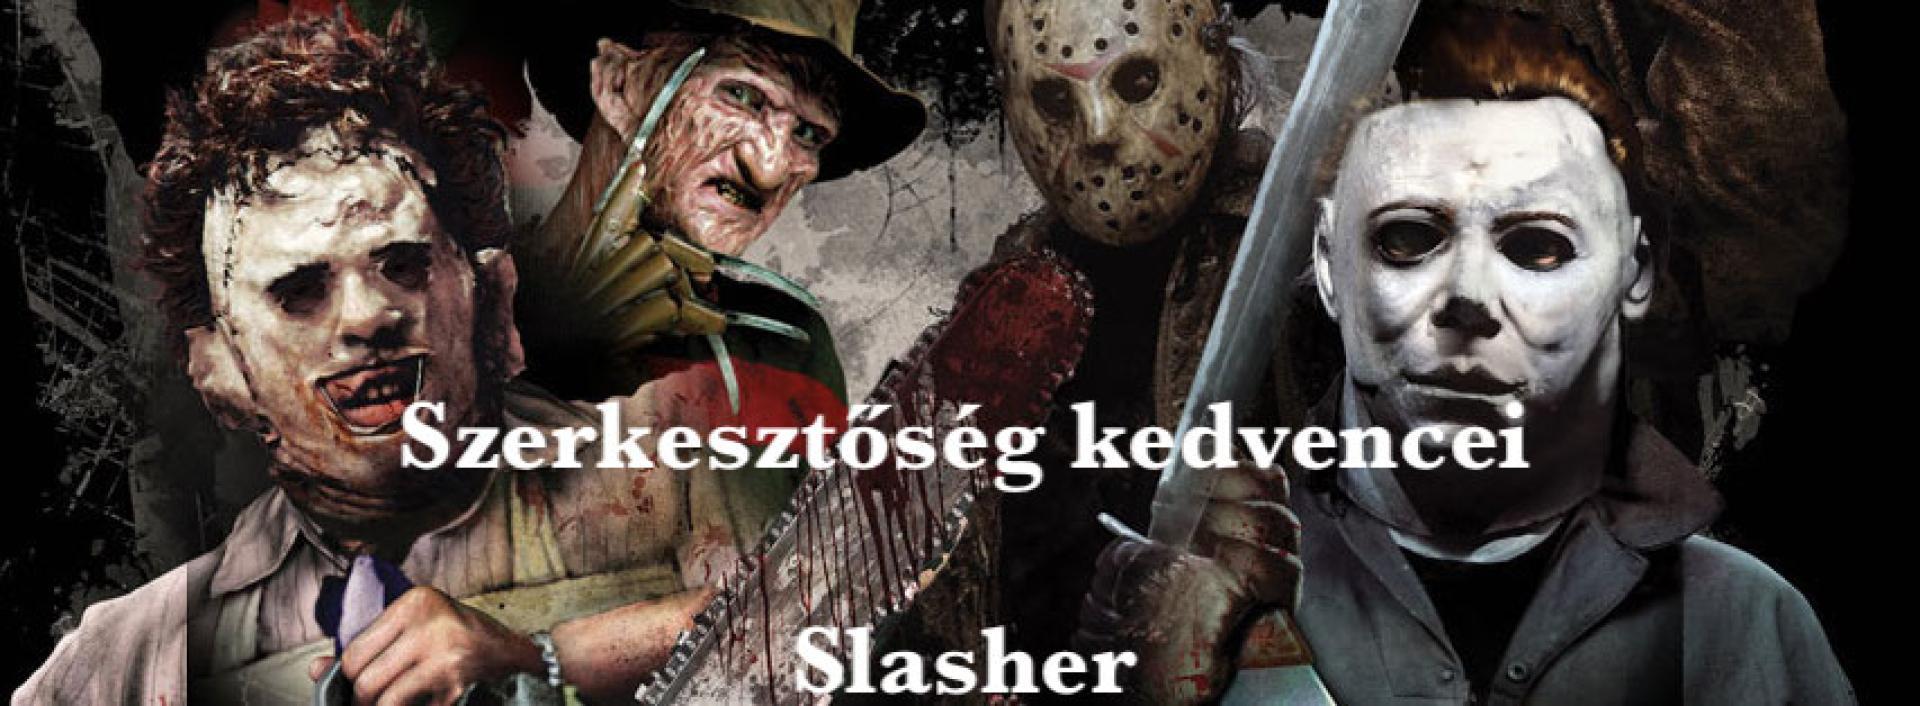 Szerkesztőség kedvencei: Slasher